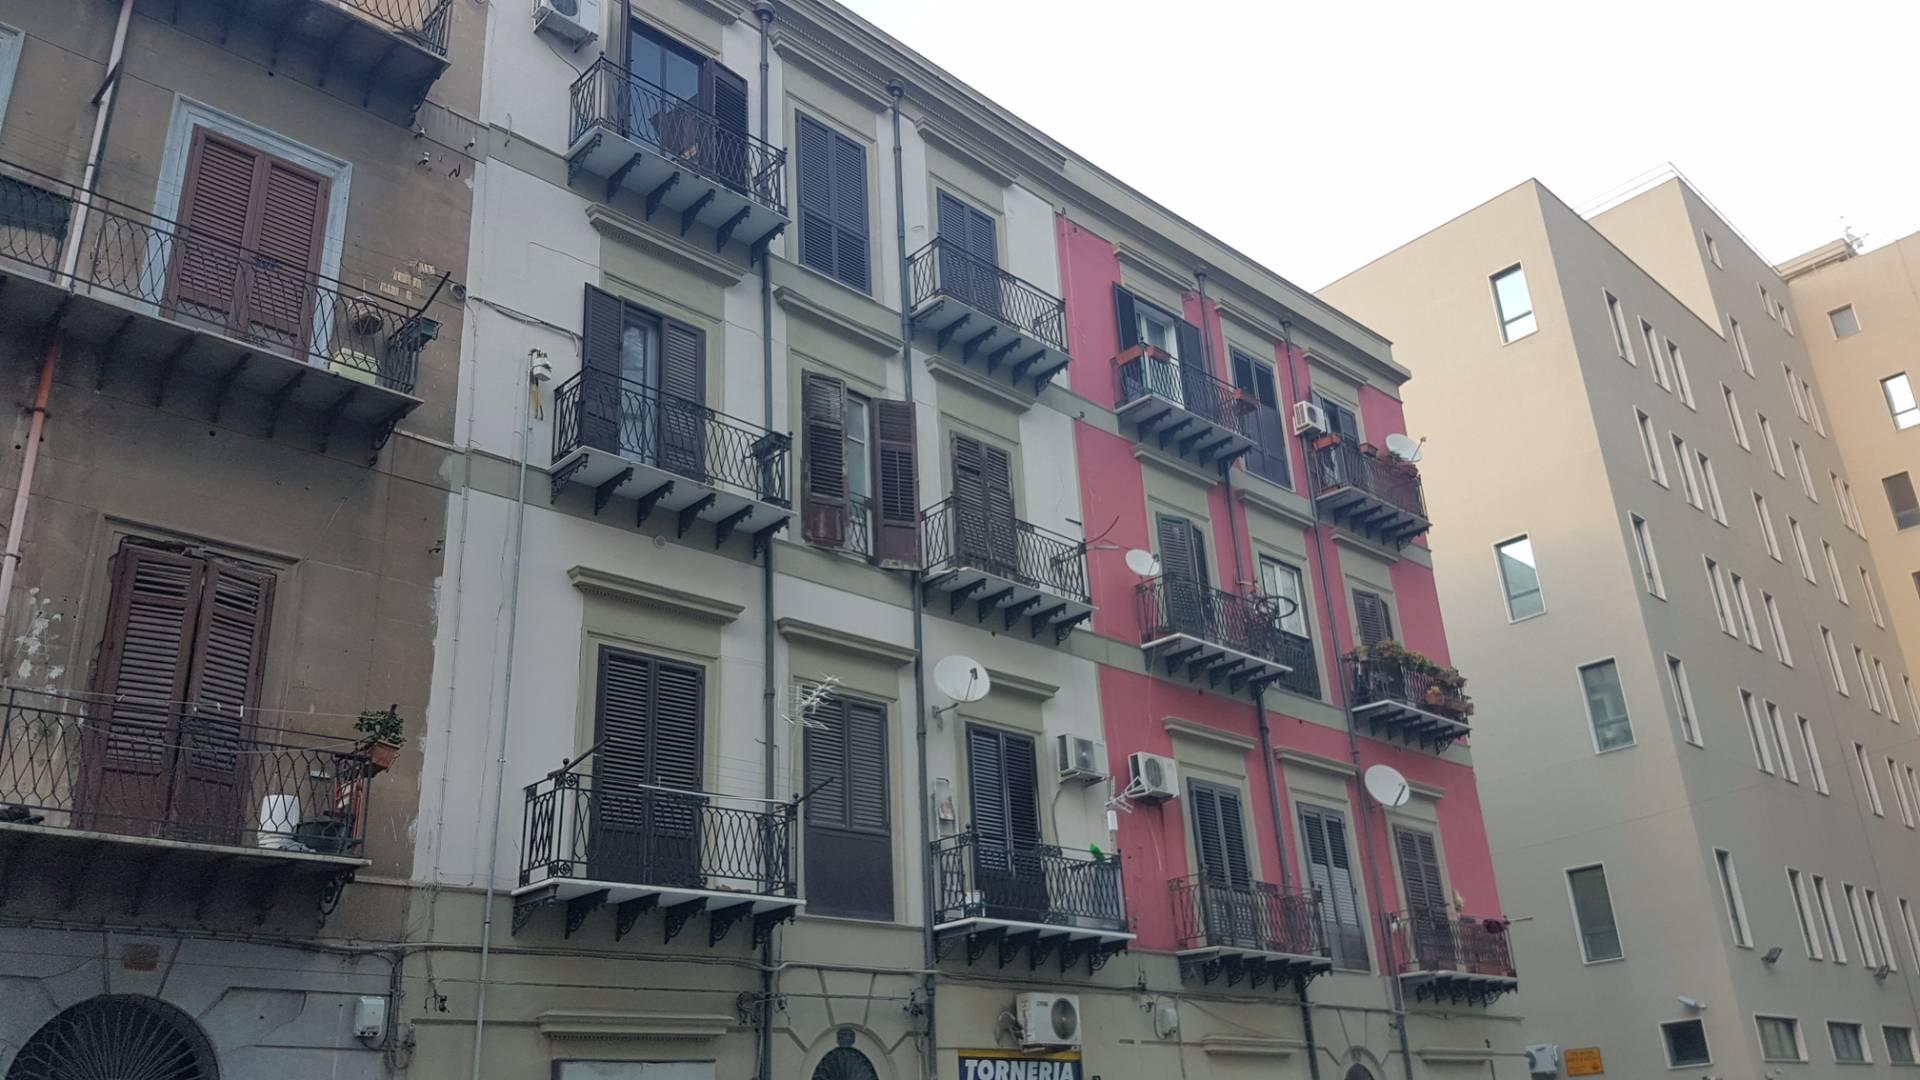 Appartamento in vendita a Palermo, 2 locali, zona Località: Porto, prezzo € 75.000 | Cambio Casa.it